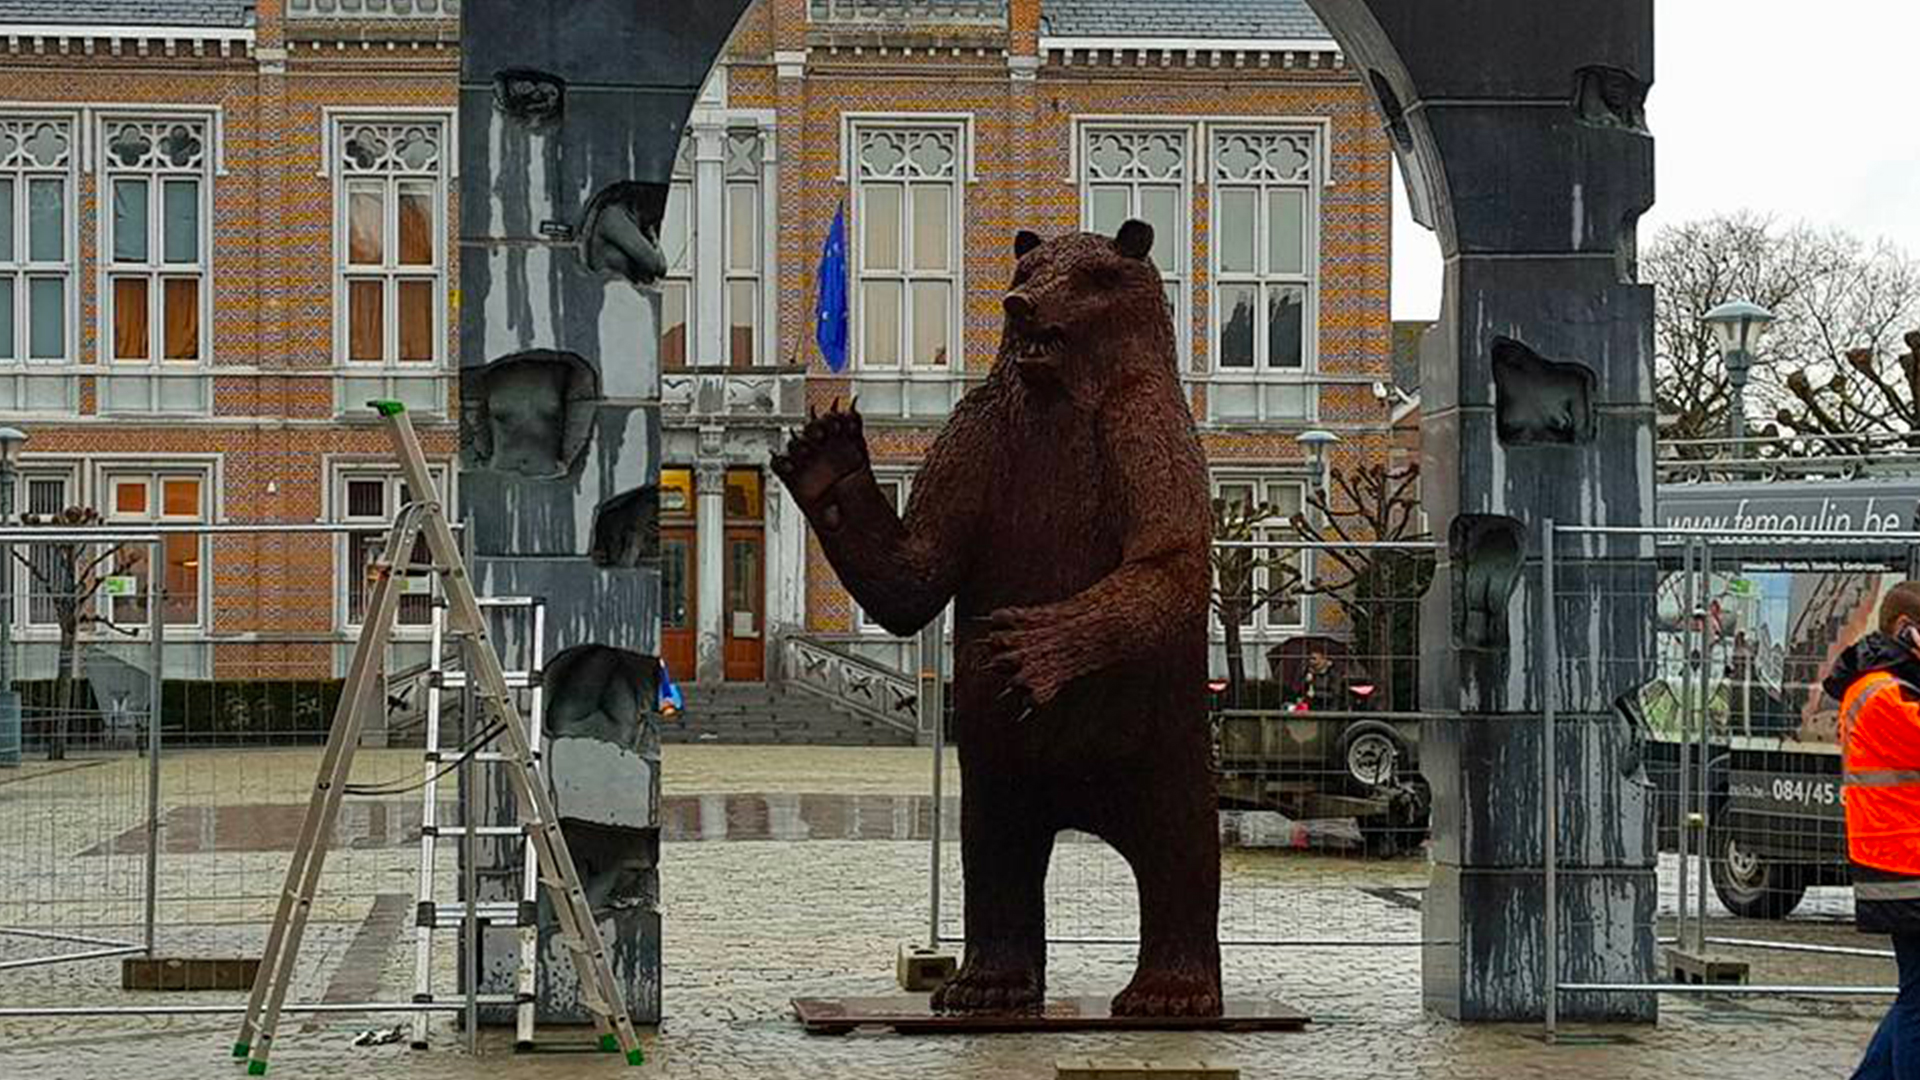 Lincon, l'ours d'acier ©Demoulin Ferronnerie sprl